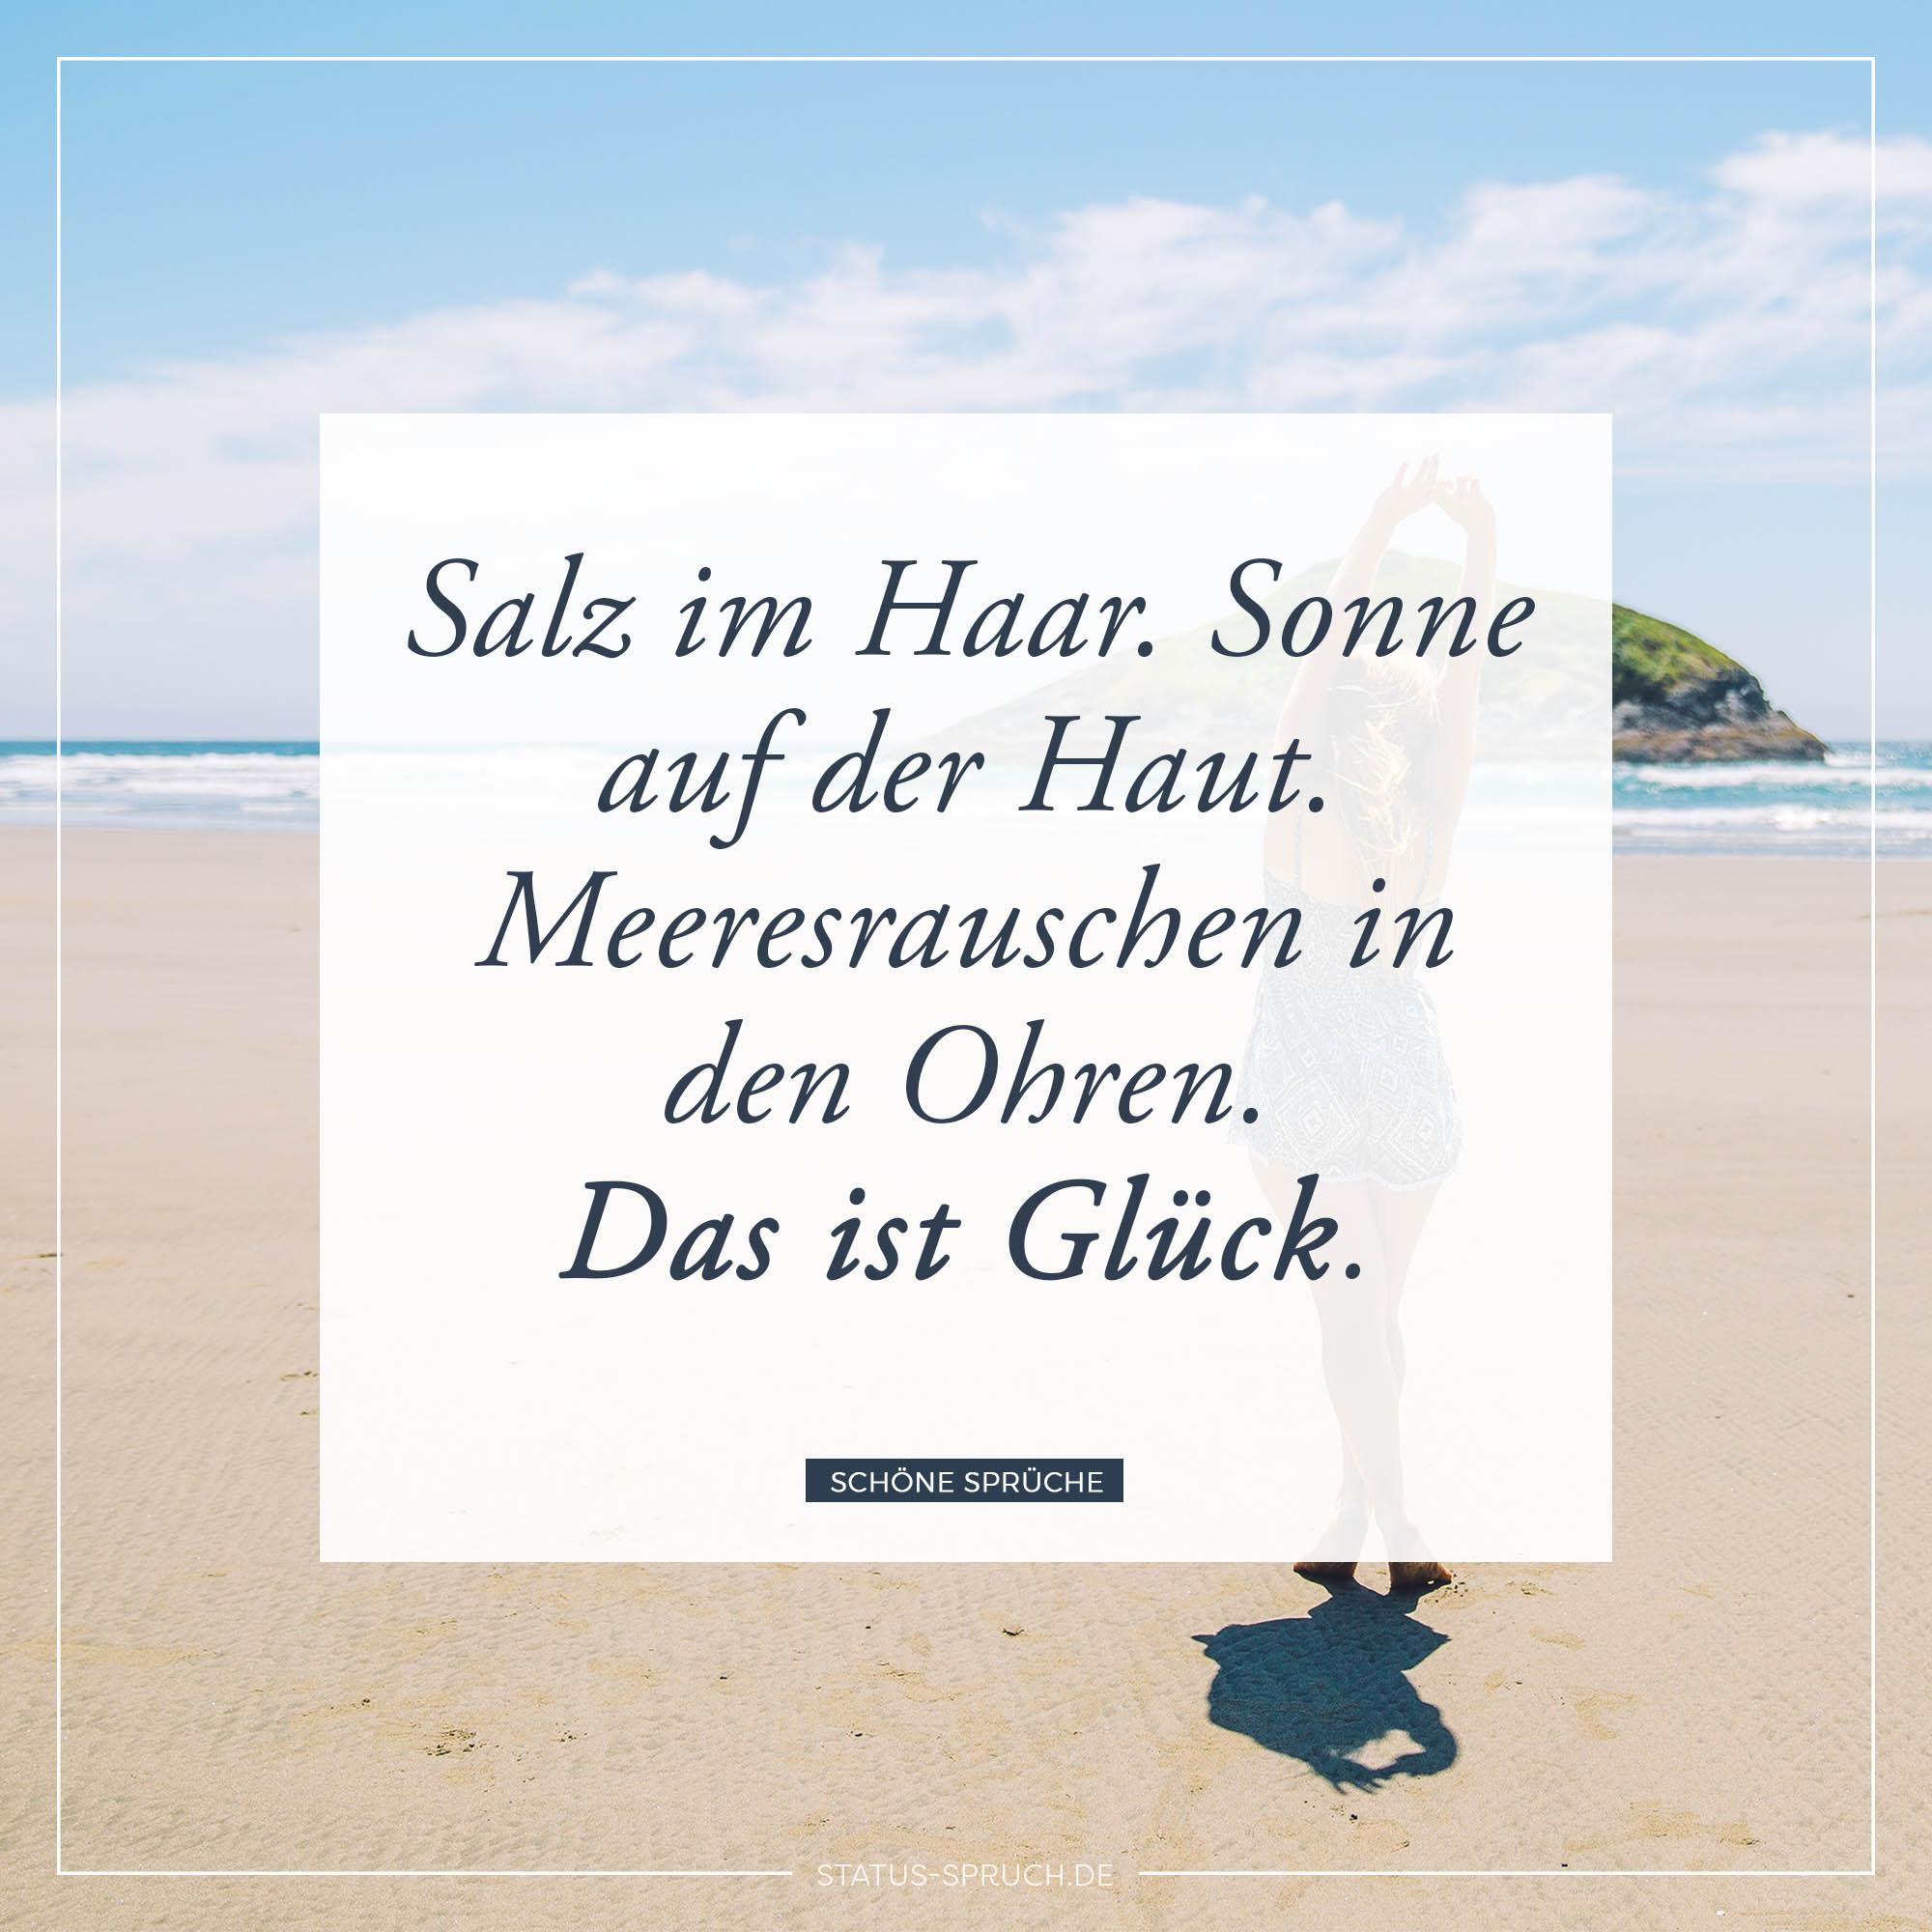 Inspiring Sprüche Mit Glück Best Choice Of Salz Im Haar. Sonne Auf Der Haut.